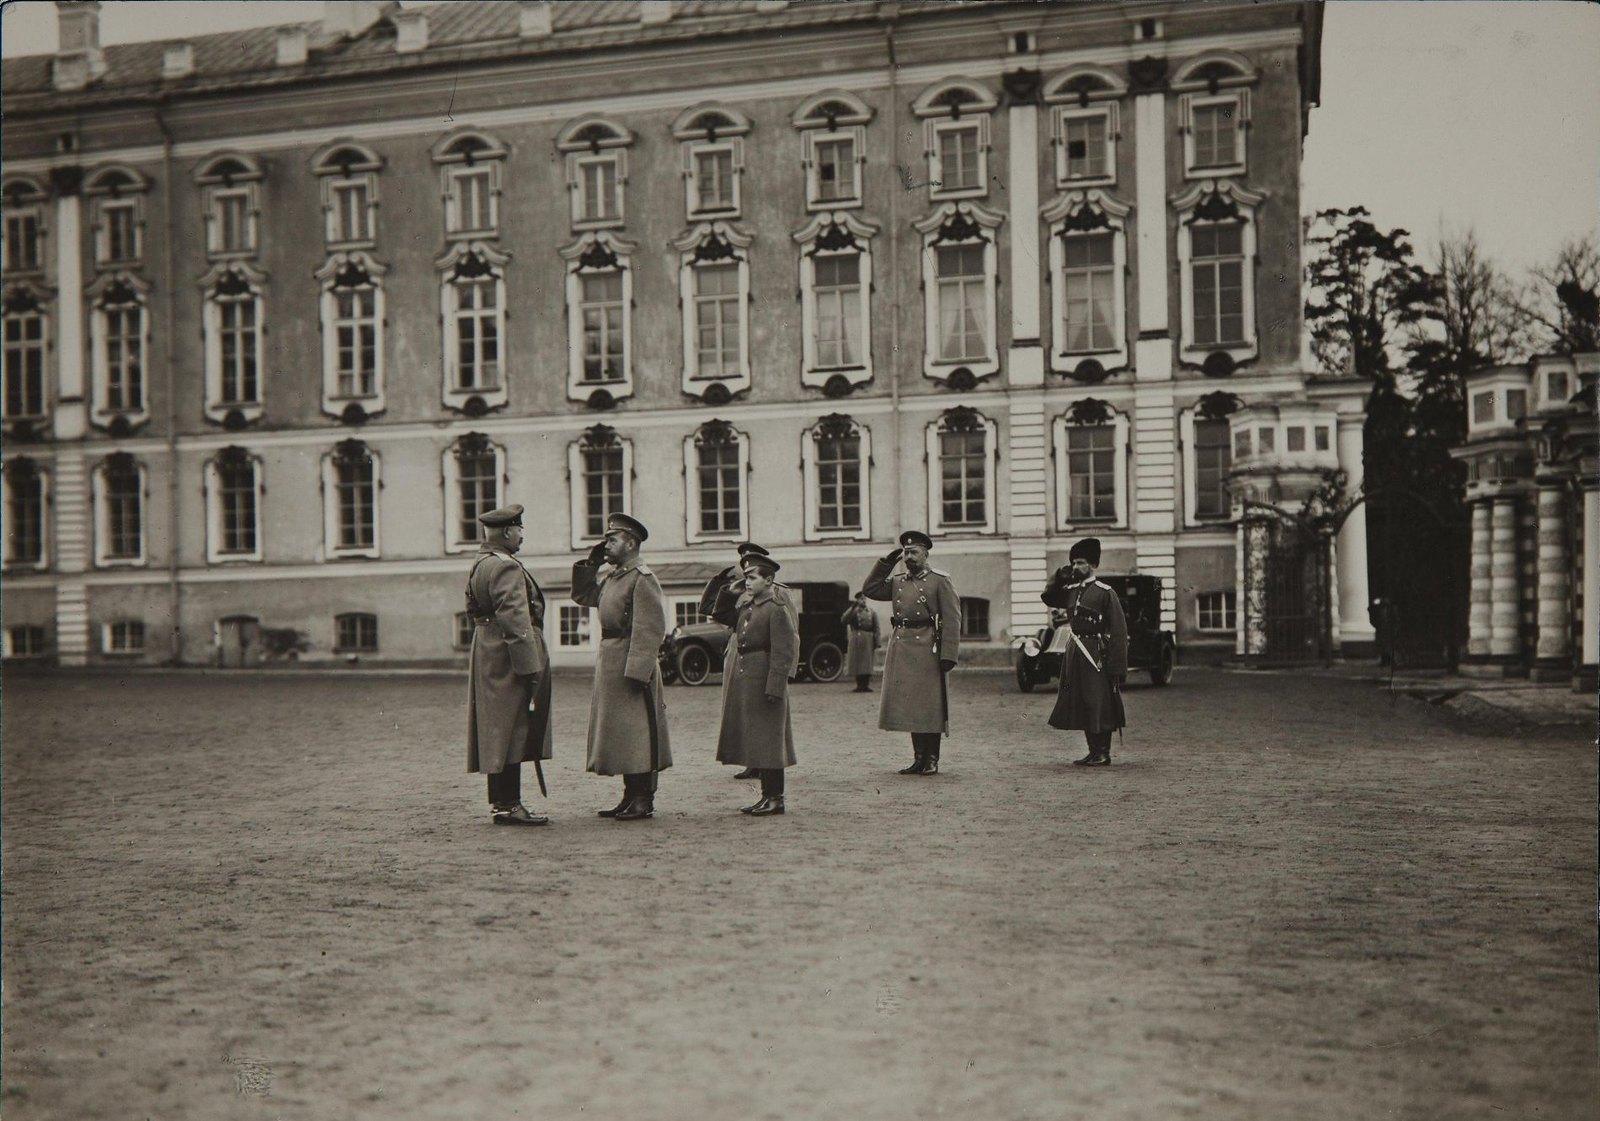 1914. Император Николай II с цесаревичем Алексеем Николаевич и группой военных